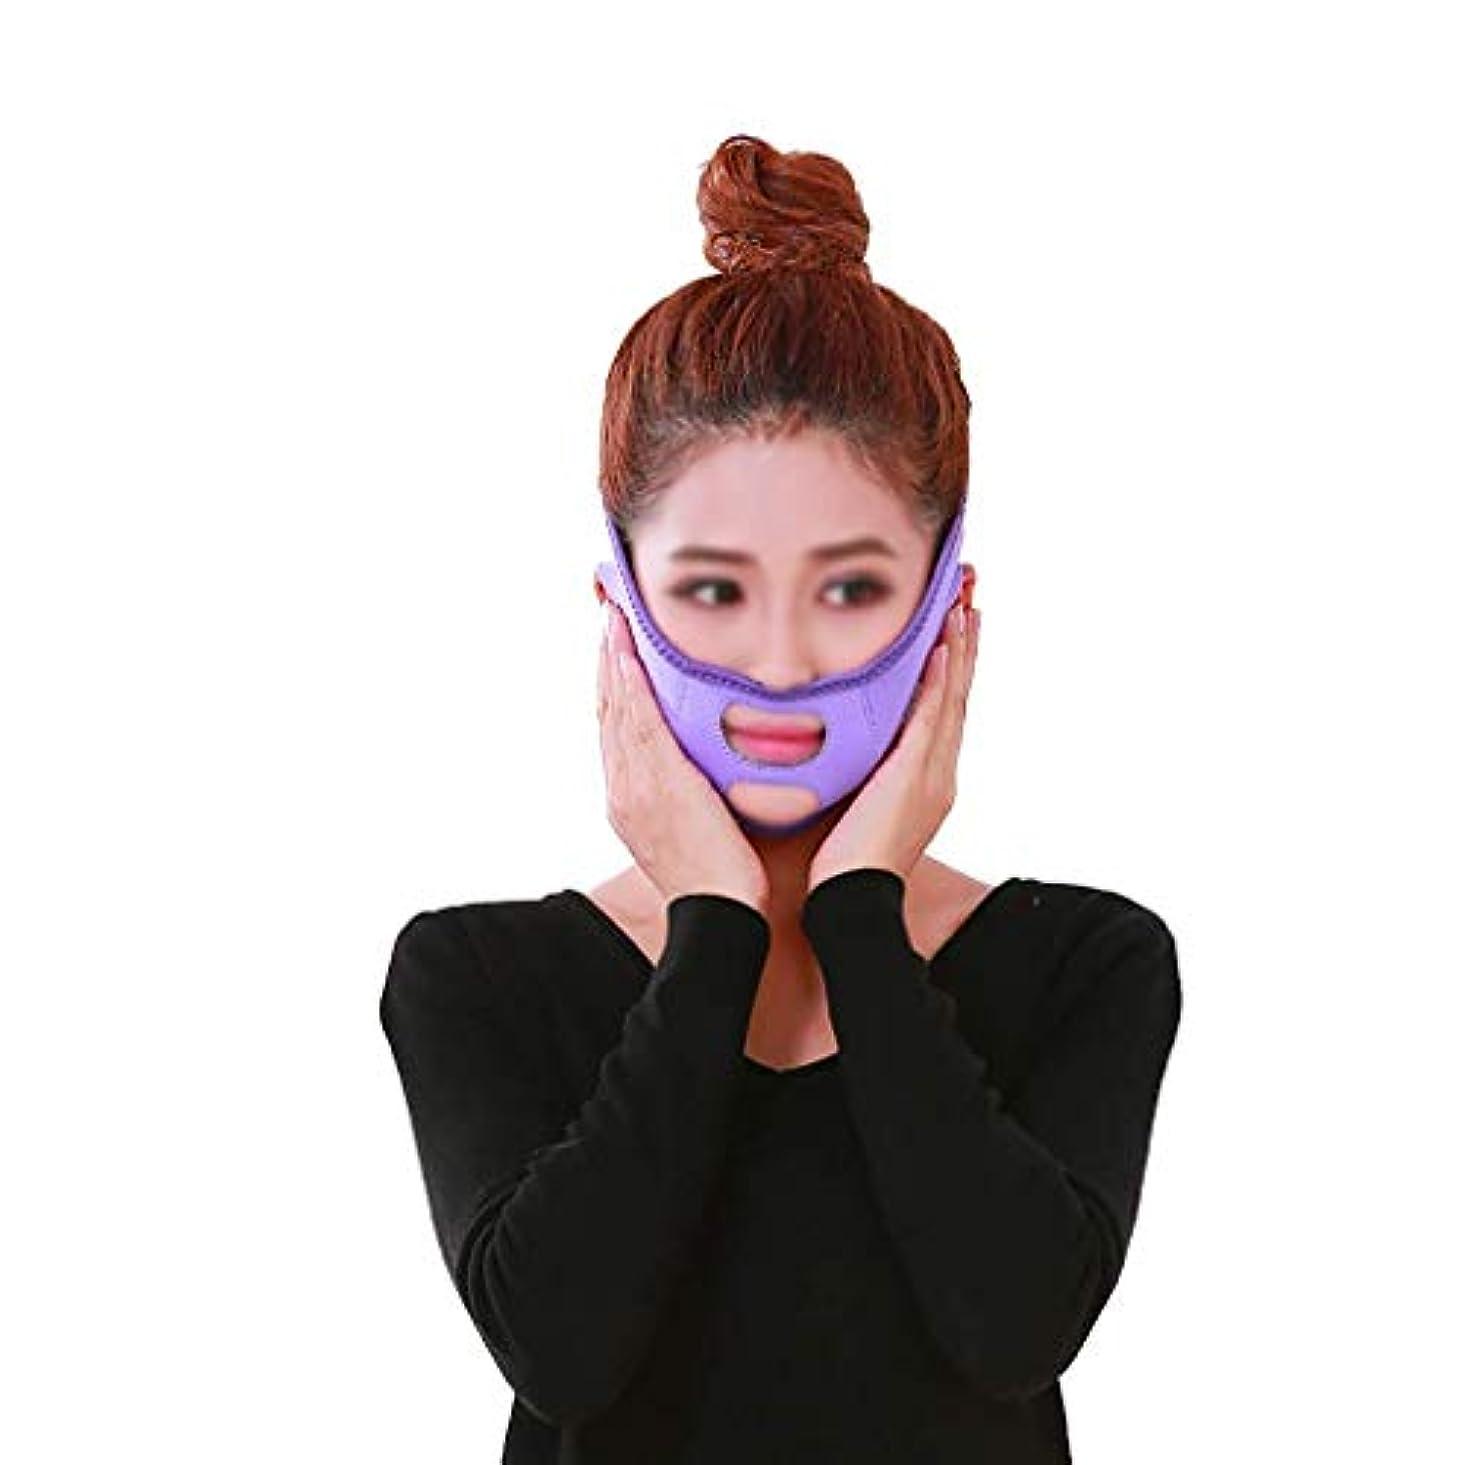 格差滅びる外部フェイスリフトフェイシャル、肌のリラクゼーションを防ぐタイトなVフェイスマスクVフェイスアーティファクトフェイスリフトバンデージフェイスケア(色:紫)